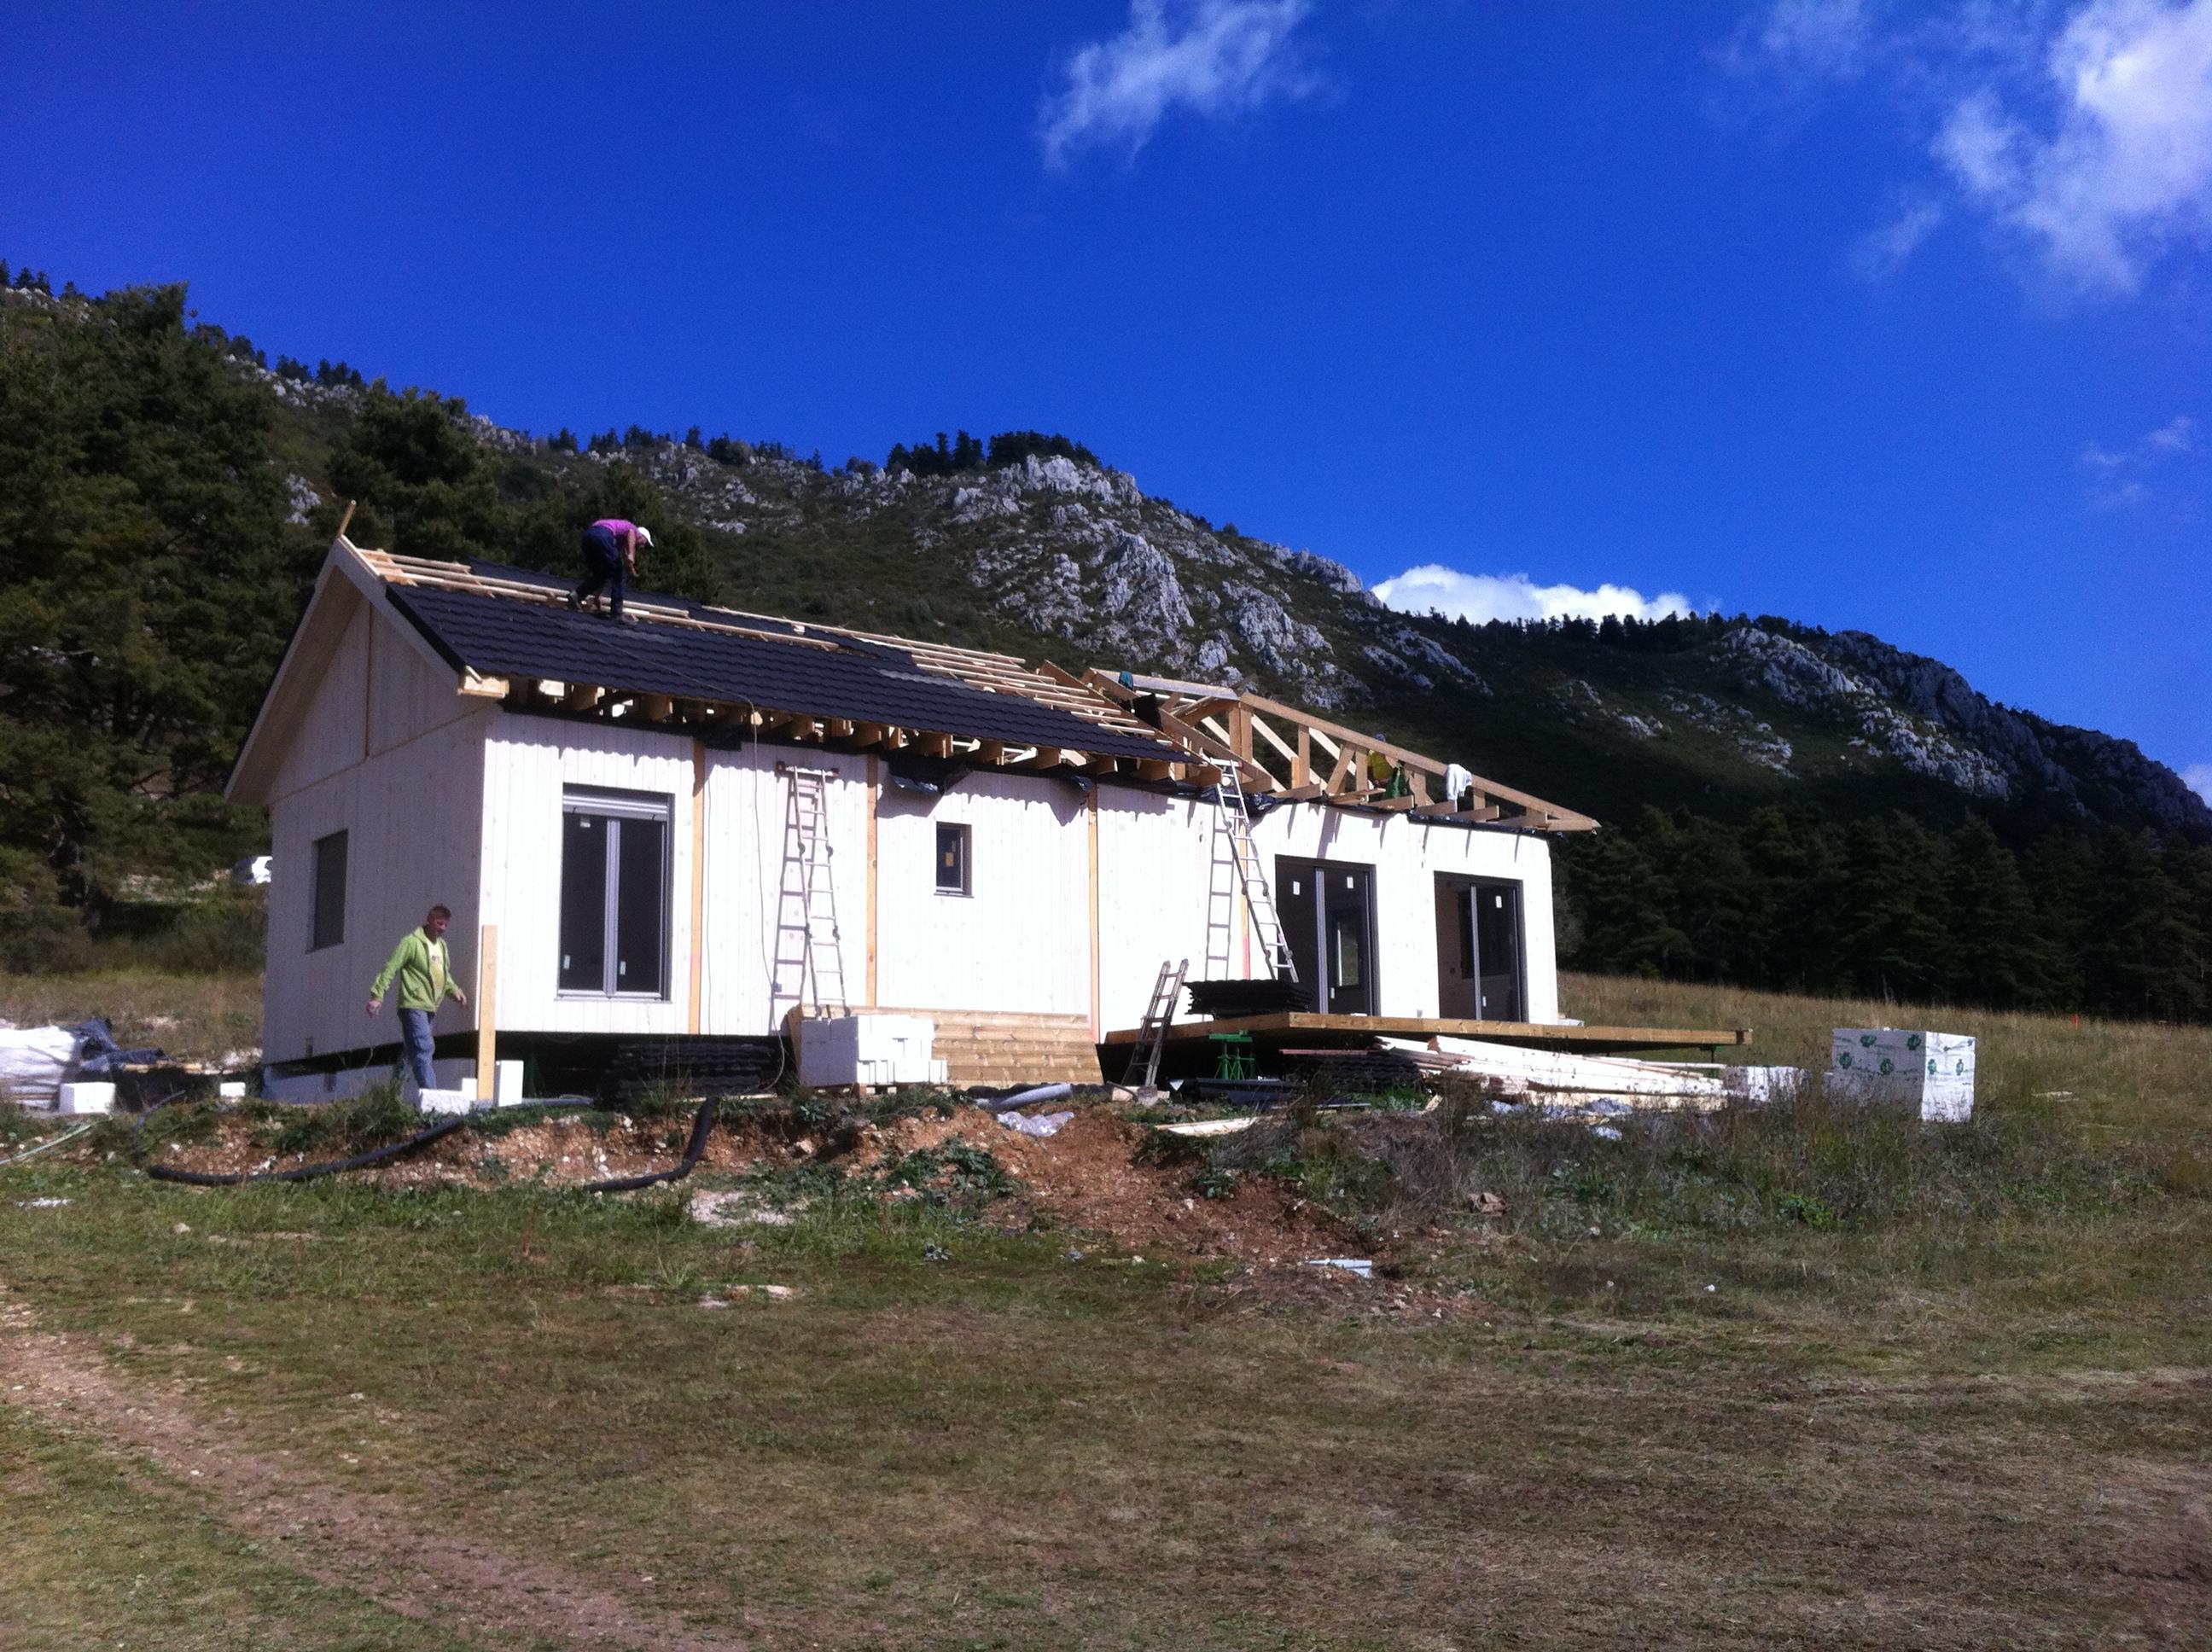 Maison En Bois Caille